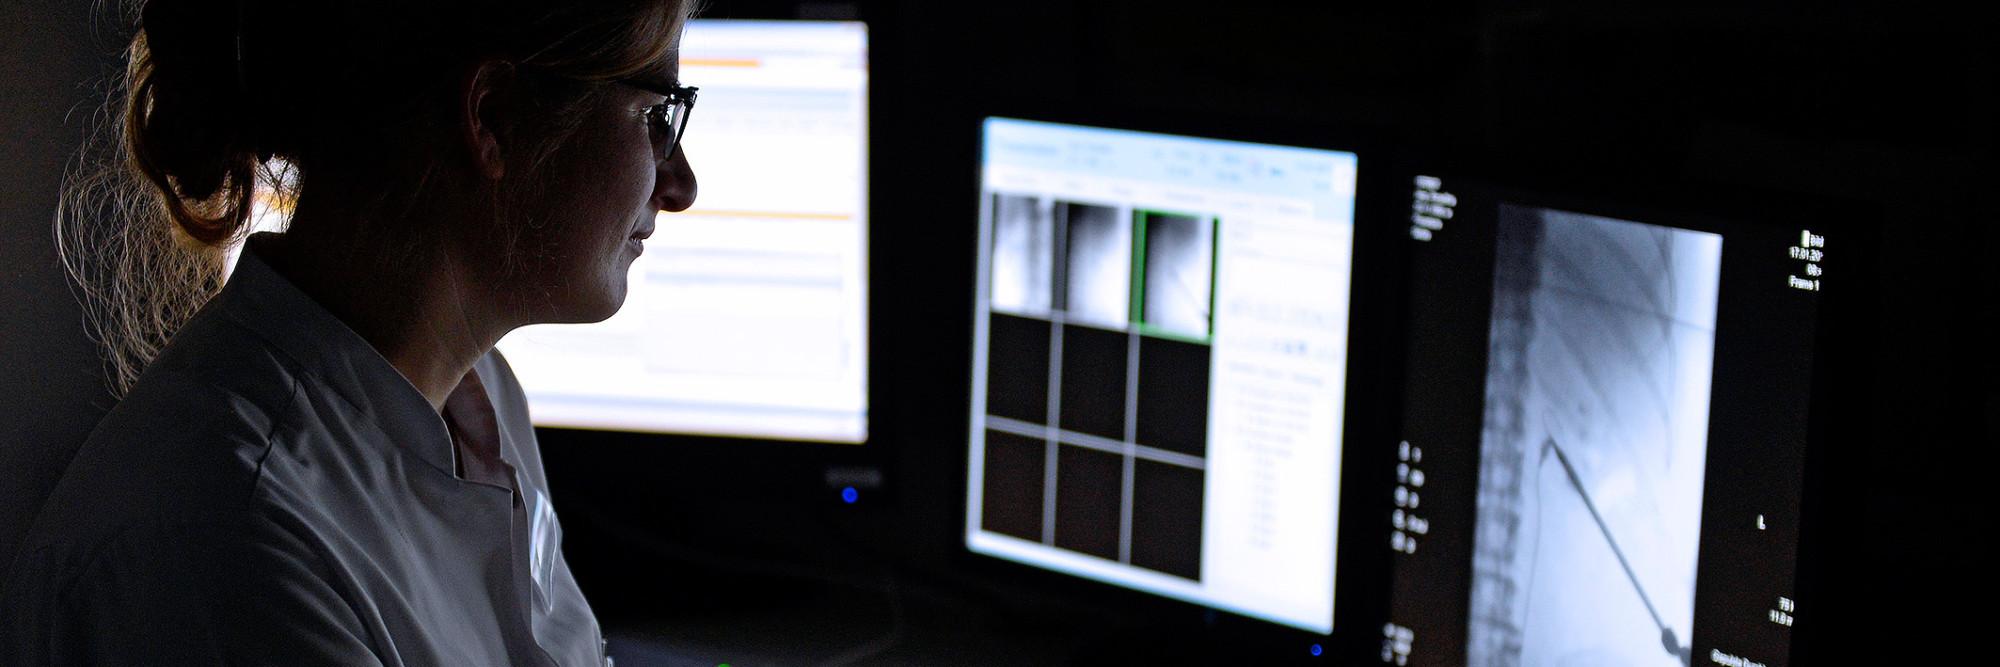 Teunette van der Graaf, Oberärztin der Klinik für Urologie, kontrolliert Befunde an einem Monitor.